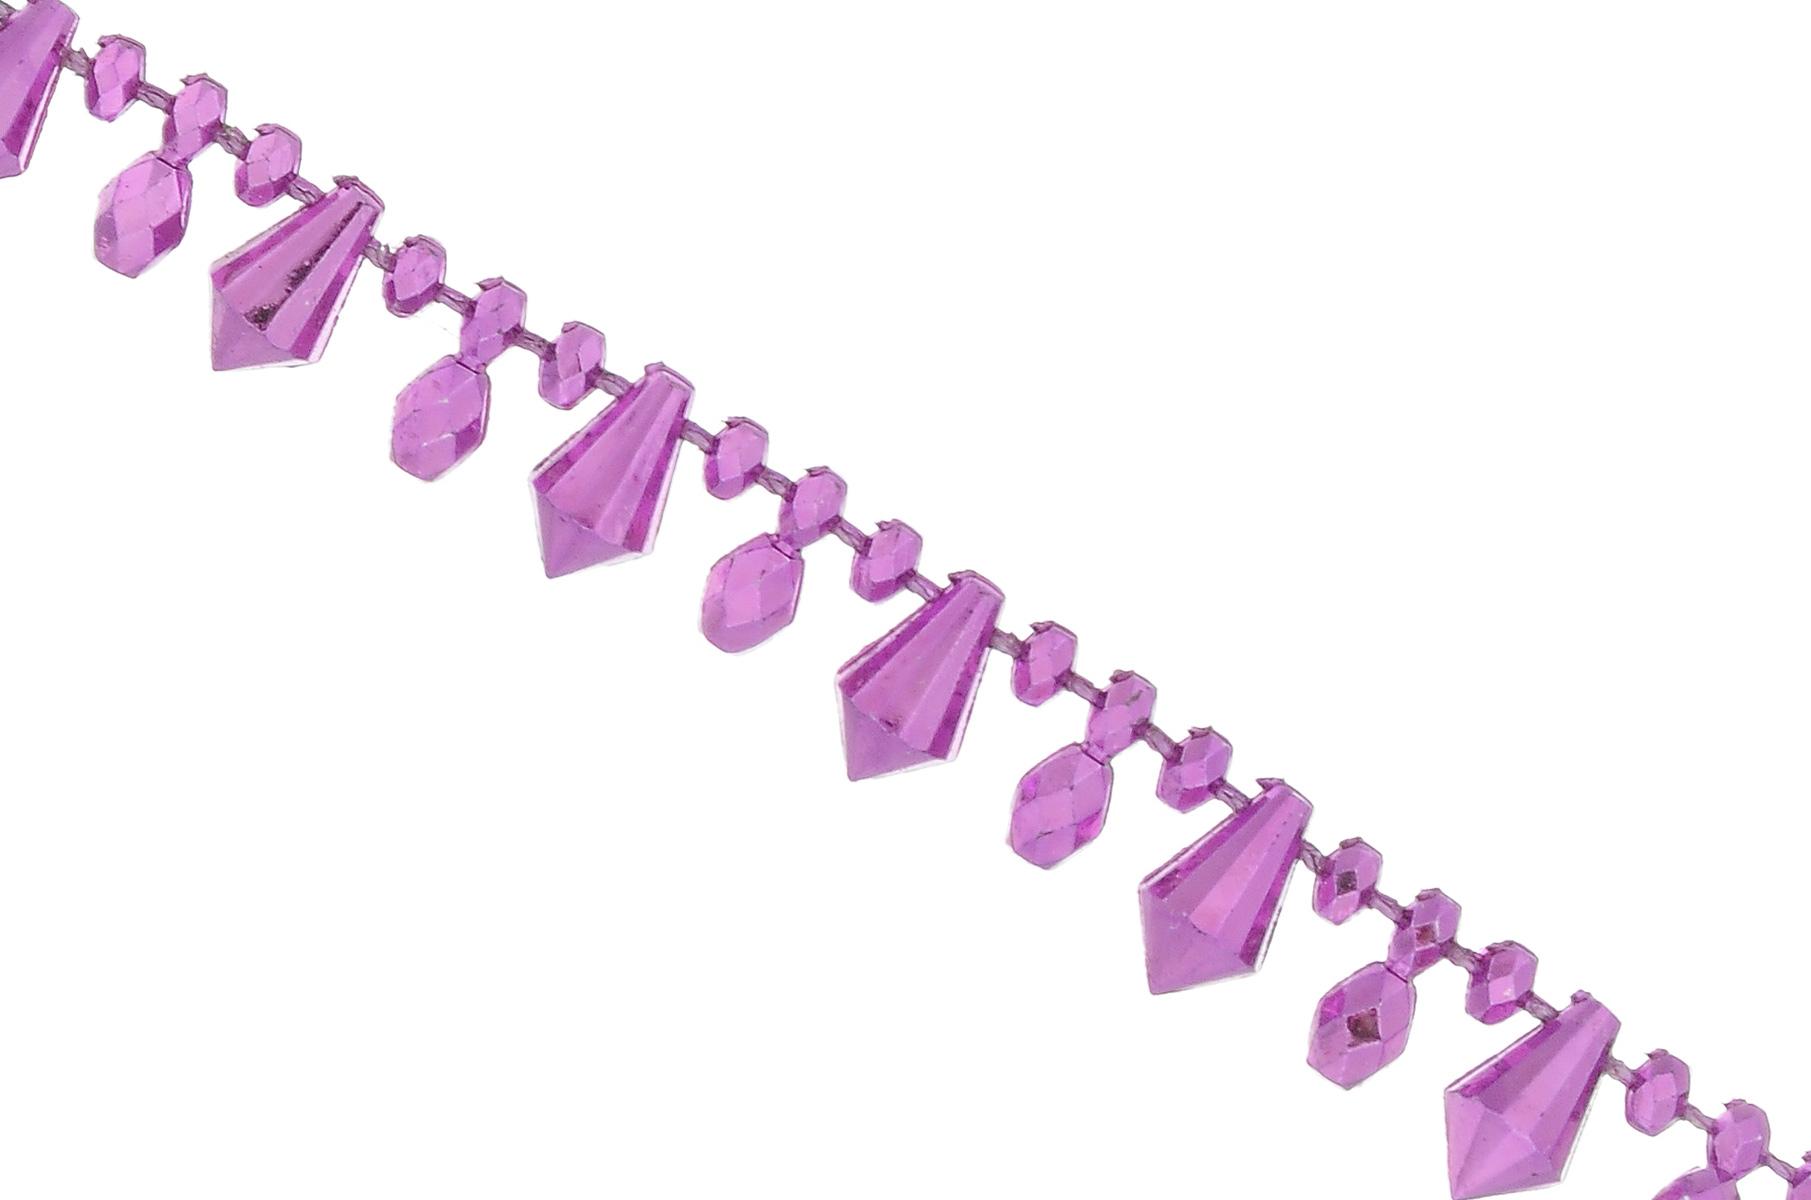 Новогодняя гирлянда Lunten Ranta Новогодний мотив, цвет: фиолетовый, длина 2 м68014Новогодняя гирлянда Lunten Ranta Новогодний мотив отлично подойдет для декорации вашего дома и новогодней ели. Изделие, выполненное из пластика, представляет собой гирлянду на текстильной нити, на которой нанизаны бусины разных форм и размеров. Новогодние украшения несут в себе волшебство и красоту праздника. Они помогут вам украсить дом к предстоящим праздникам и оживить интерьер по вашему вкусу. Создайте в доме атмосферу тепла, веселья и радости, украшая его всей семьей. Средний размер бусин: 1 см х 0,5 см х 0,4 см.